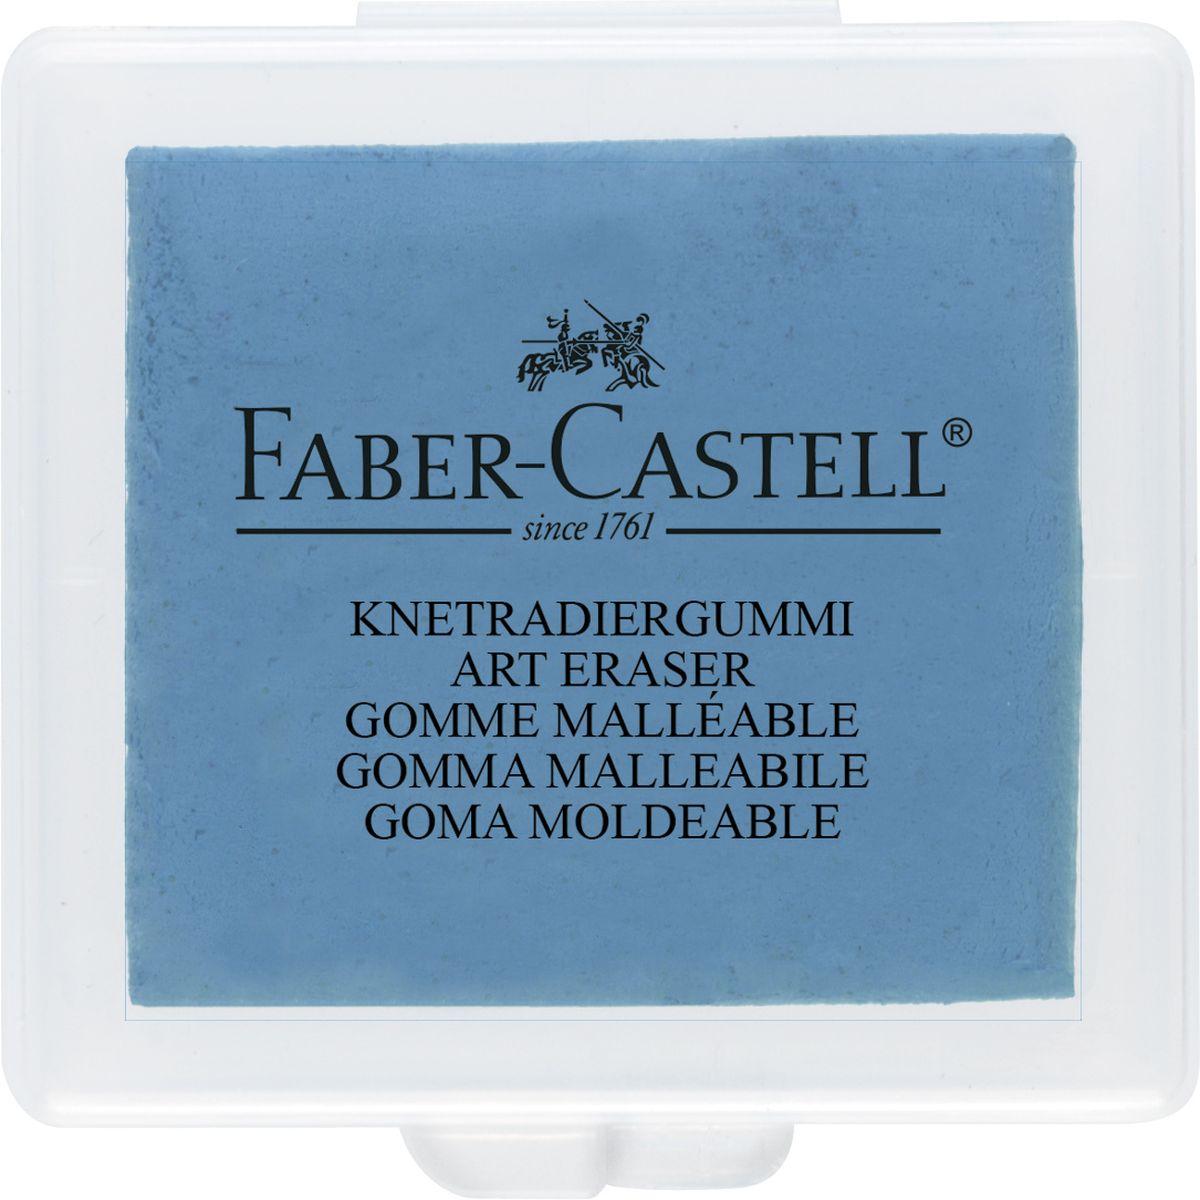 Faber-Castell Художественный ластик цвет голубой72523WDЛастик Faber-Castell пригодится любому художнику. Аккуратный ластик не оставляет грязных разводов. Ластик Faber-Castell служит для коррекции и осветления рисунков, созданных мягкими карандашами, углем или пастелью. Ластик дополнительно служит для очистки фотопленок.